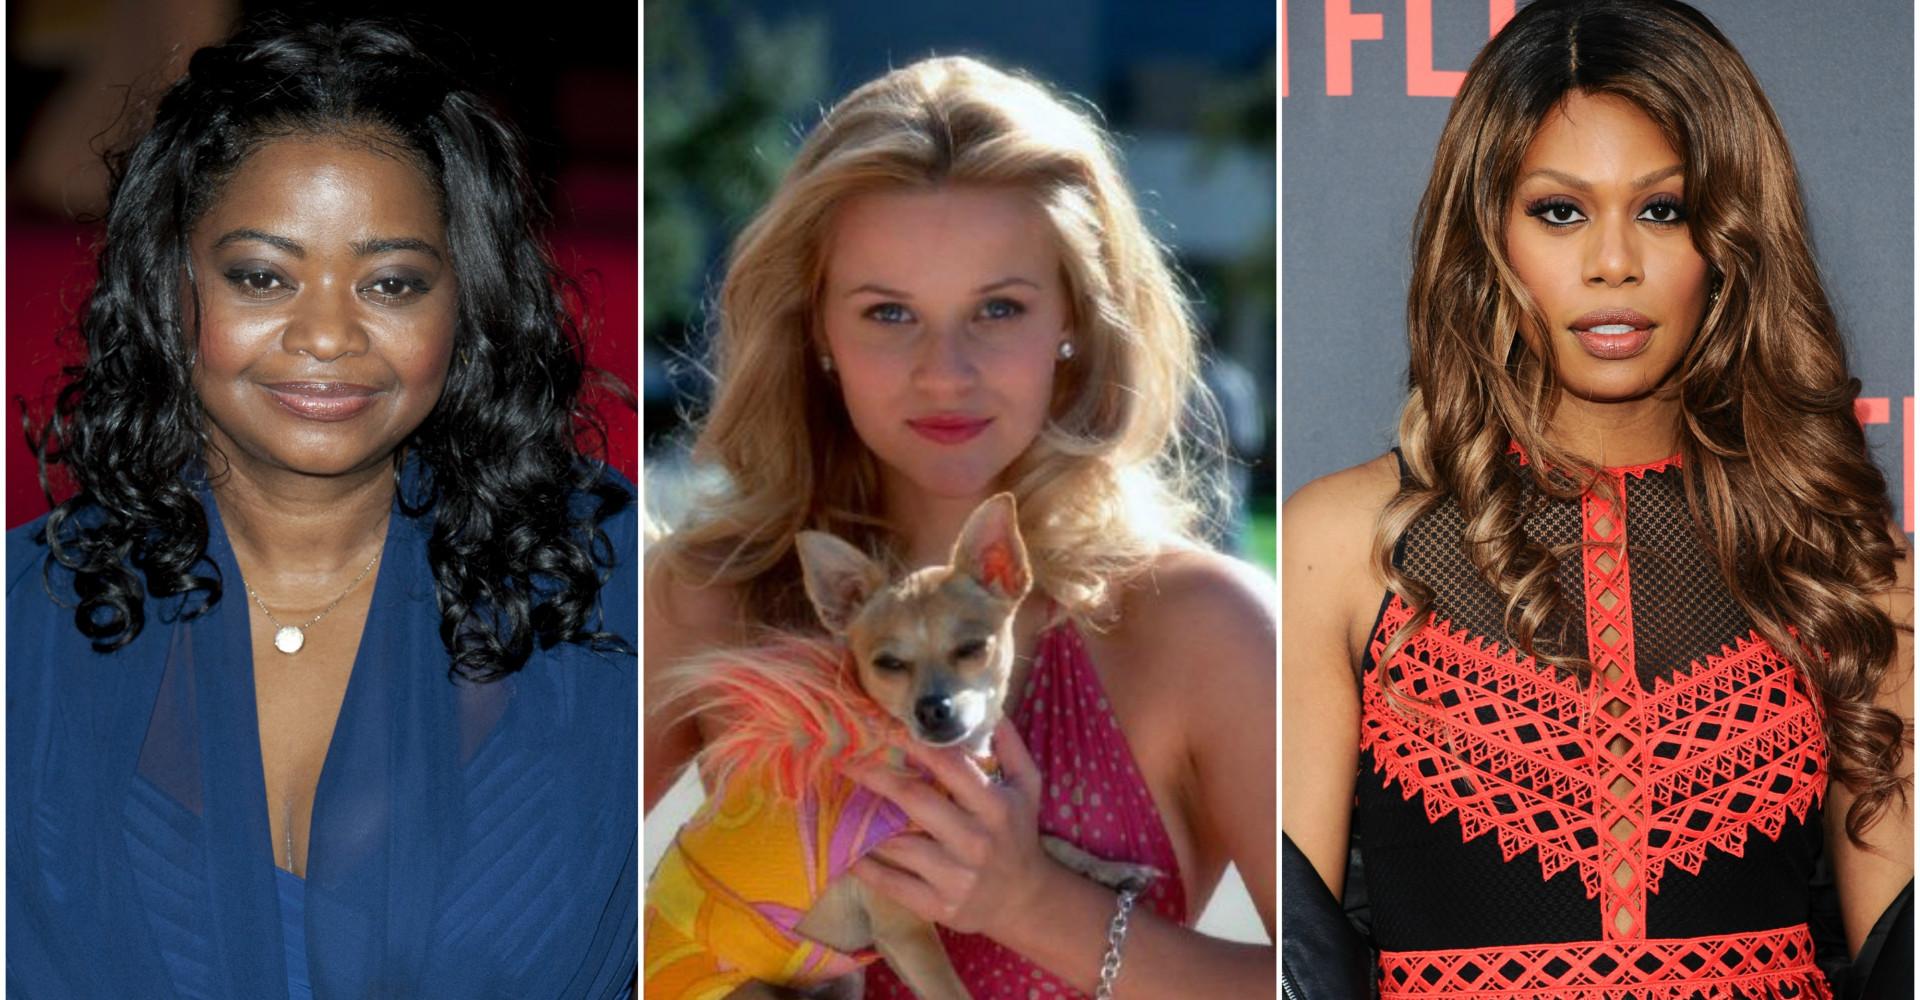 Tasa-arvon päivän kunniaksi: elokuvien ja television inspiroivimmat naishahmot